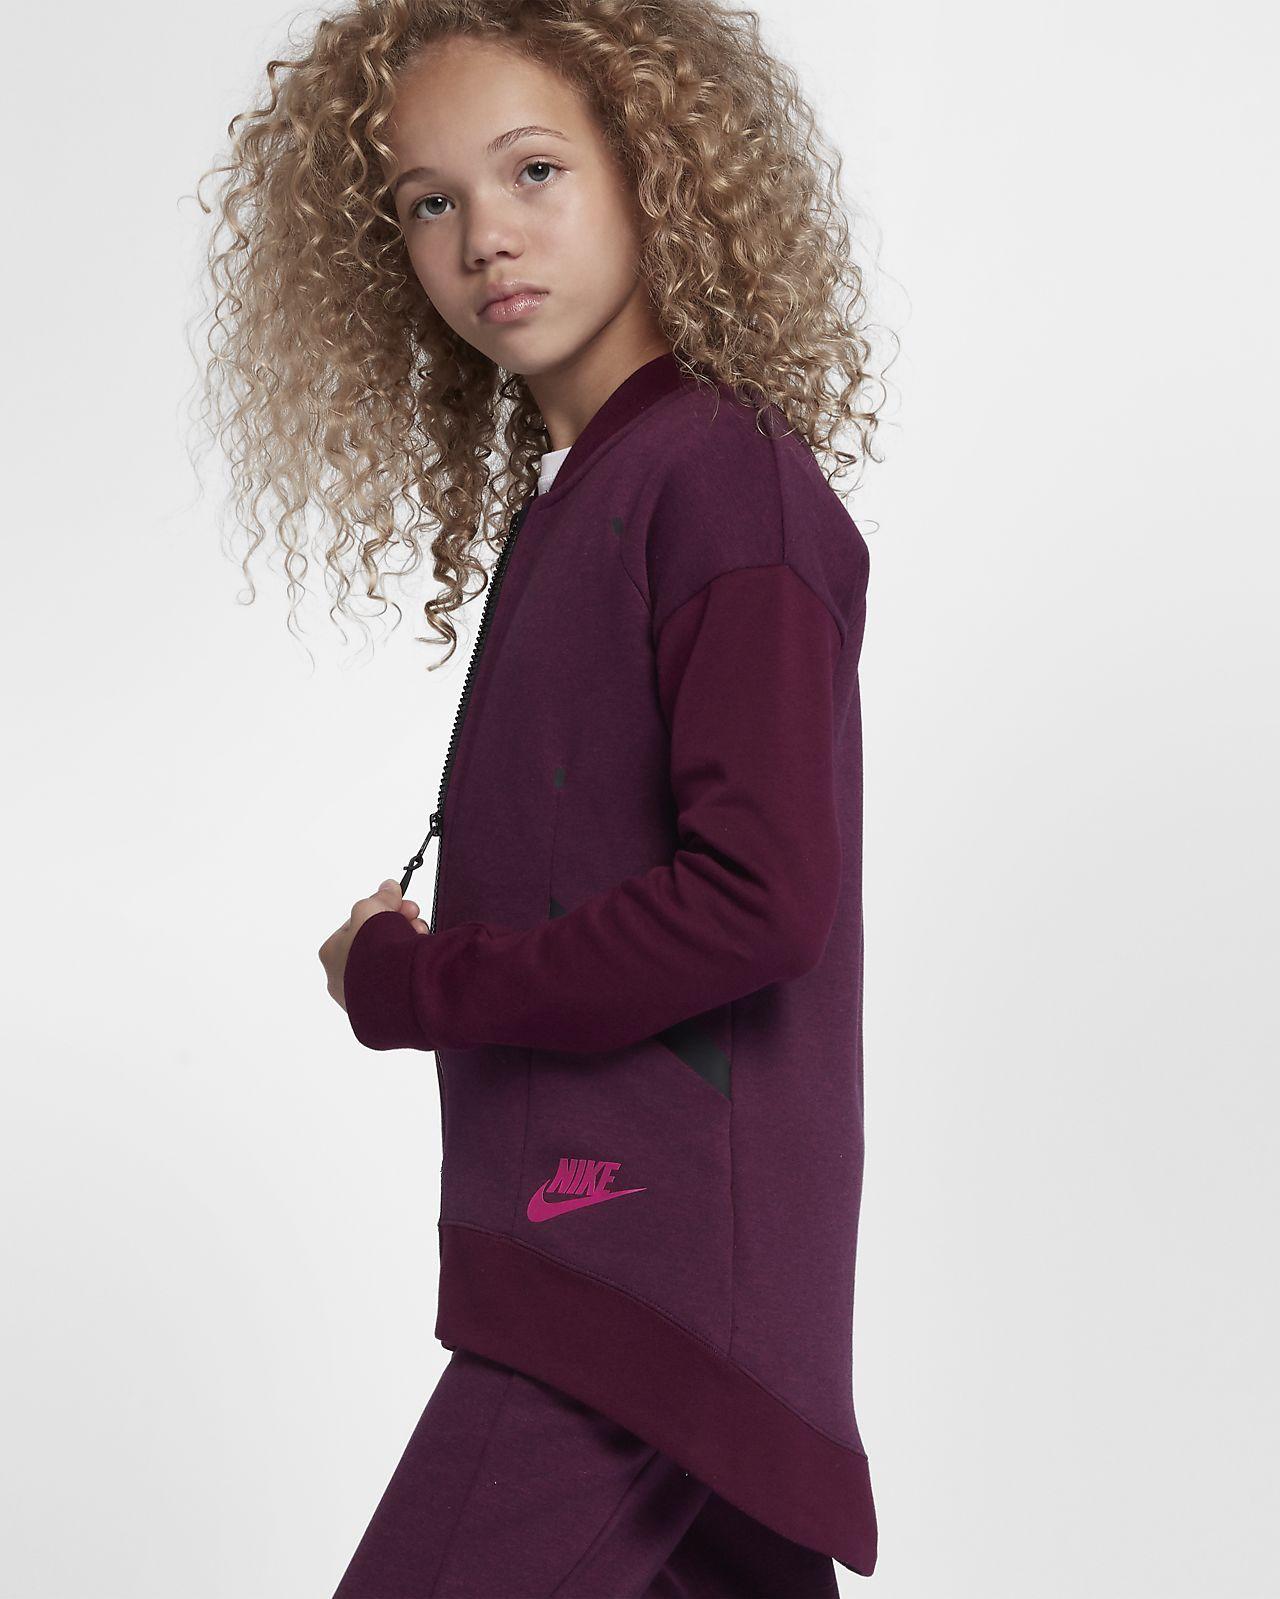 f5f0dd0f205a Nike Sportswear Tech Fleece Older Kids  (Girls ) Jacket